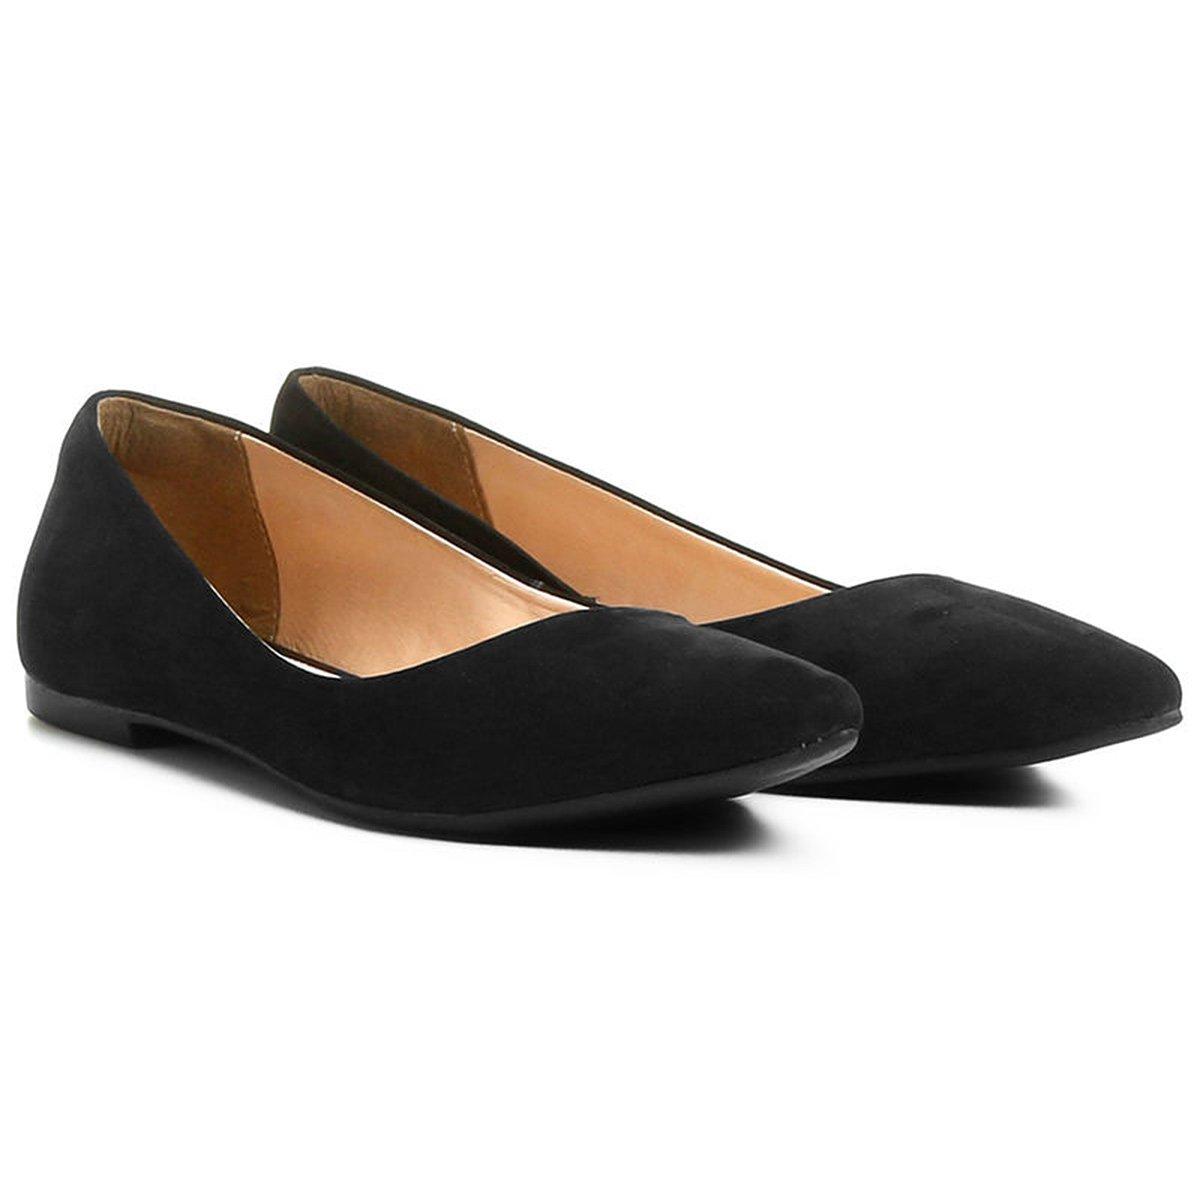 4f05a0fca6 Sapatilha Couro Shoestock Bico Fino Nobuck Feminina - Compre Agora ...